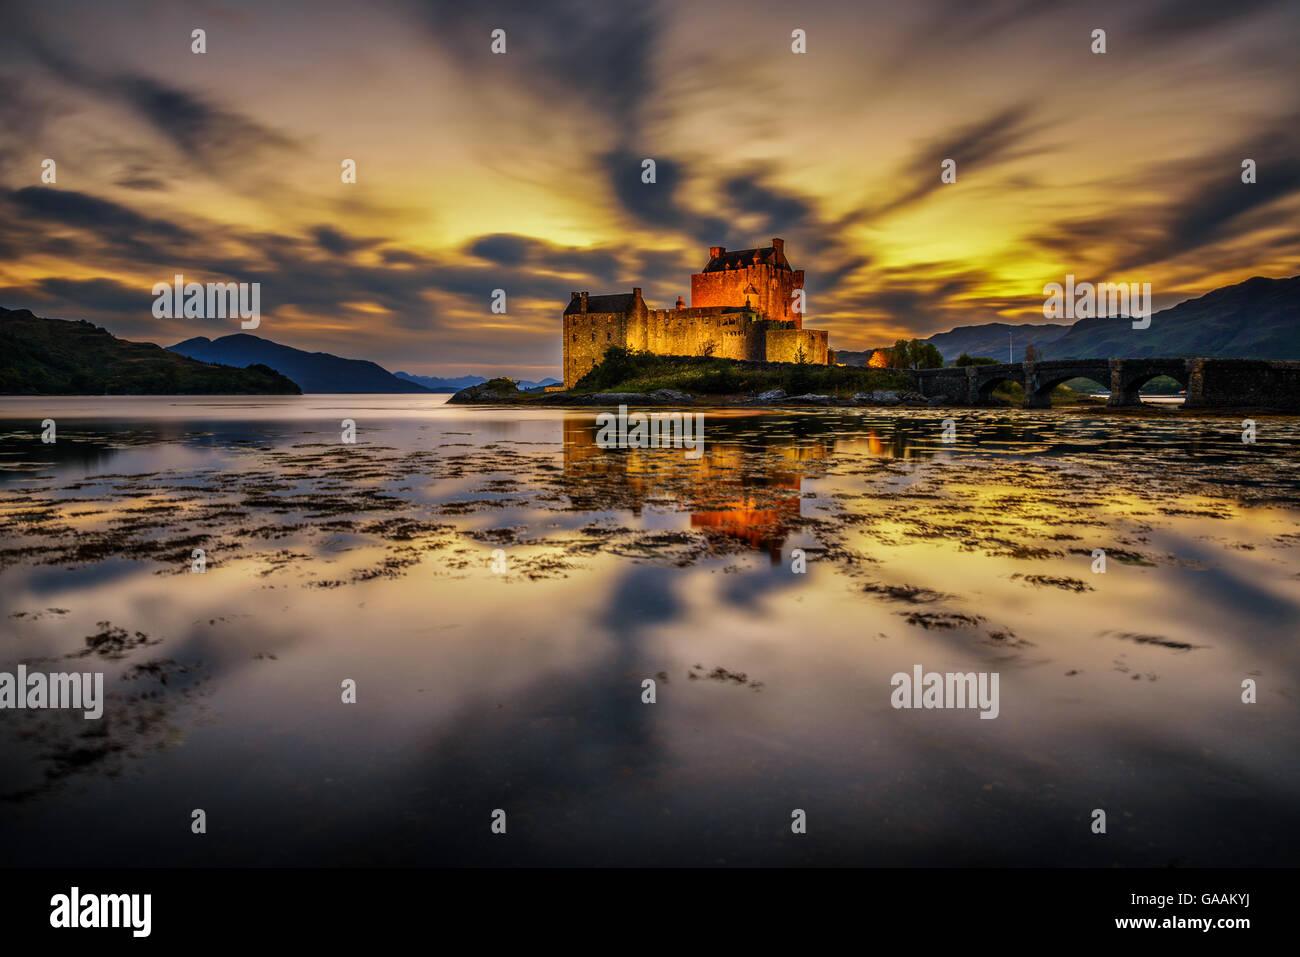 Sonnenuntergang über Eilean Donan Castle, Schottland, Vereinigtes Königreich. Langzeitbelichtung. Stockbild